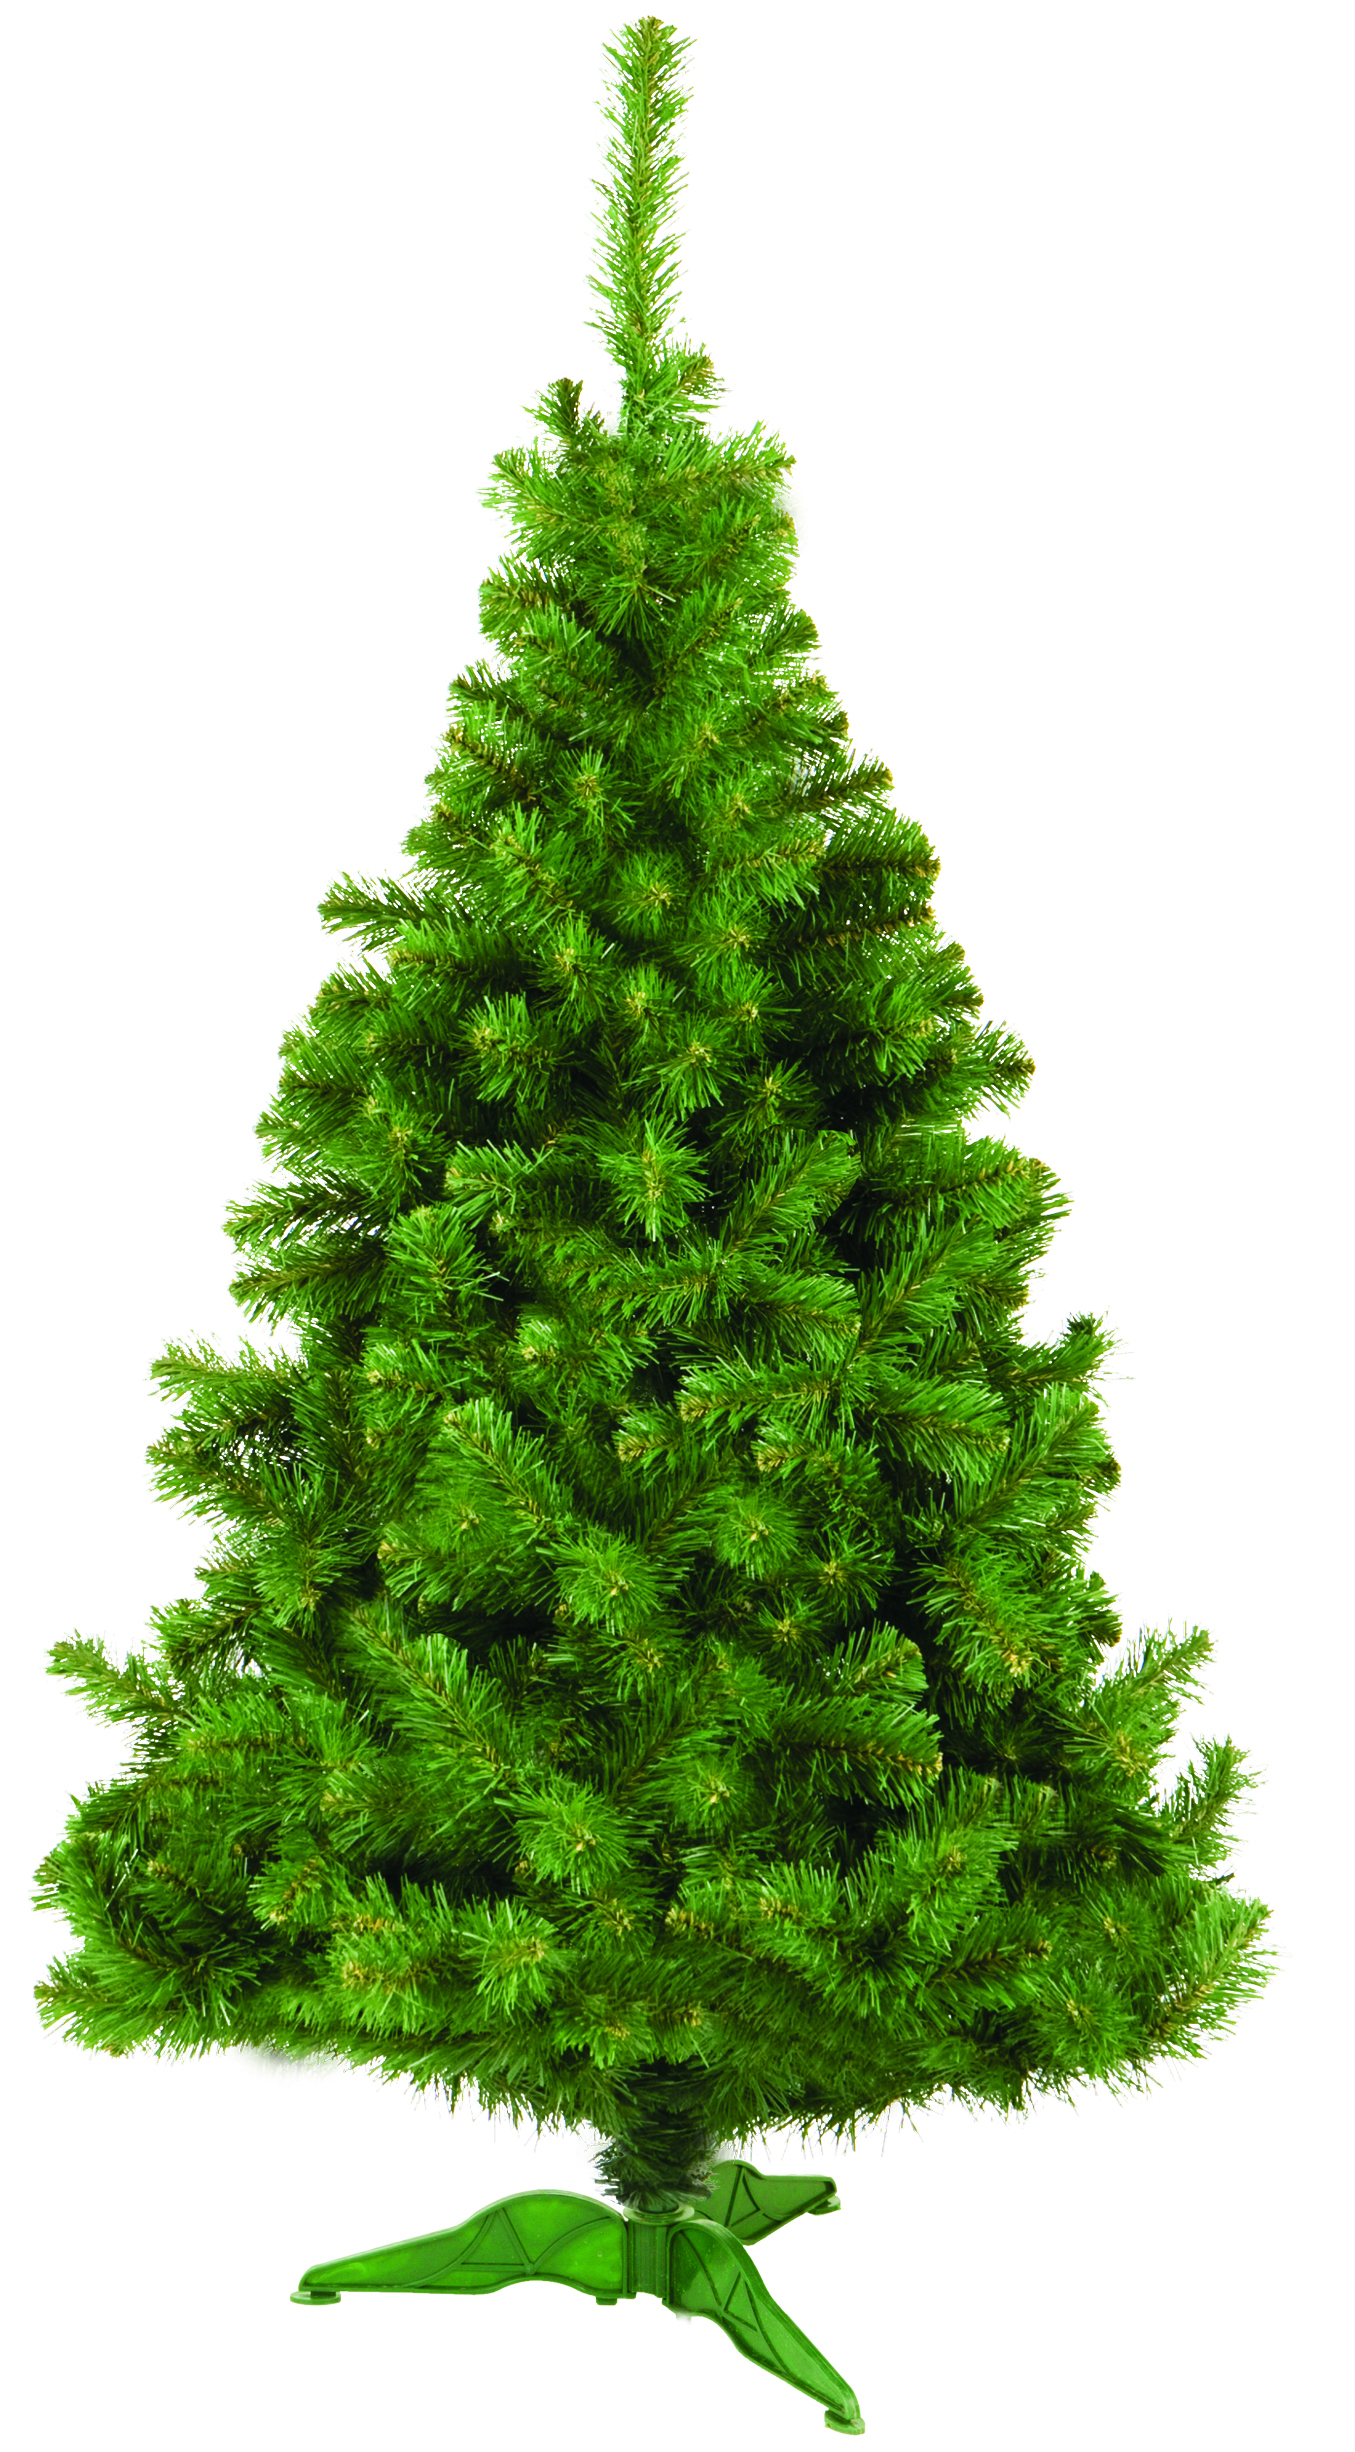 Ель искусственная Morozco Скандинавская, цвет: зеленый, высота 1,8 м2218Искусственная ель Скандинавская - прекрасный вариант для оформления вашего интерьера к Новому году. Такие деревья абсолютно безопасны, удобны в сборке и не занимают много места при хранении.Ель состоит из верхушки, ствола и устойчивой подставки. Ель быстро и легко устанавливается и имеет естественный и абсолютно натуральный вид, отличающийся от своих прототипов разве что совершенством форм и мягкостью иголок.Еловые иголочки не осыпаются, не мнутся и не выцветают со временем. Полимерные материалы, из которых они изготовлены, нетоксичны и не поддаются горению. Ель Morozco обязательно создаст настроение волшебства и уюта, а также станет прекрасным украшением дома на период новогодних праздников.